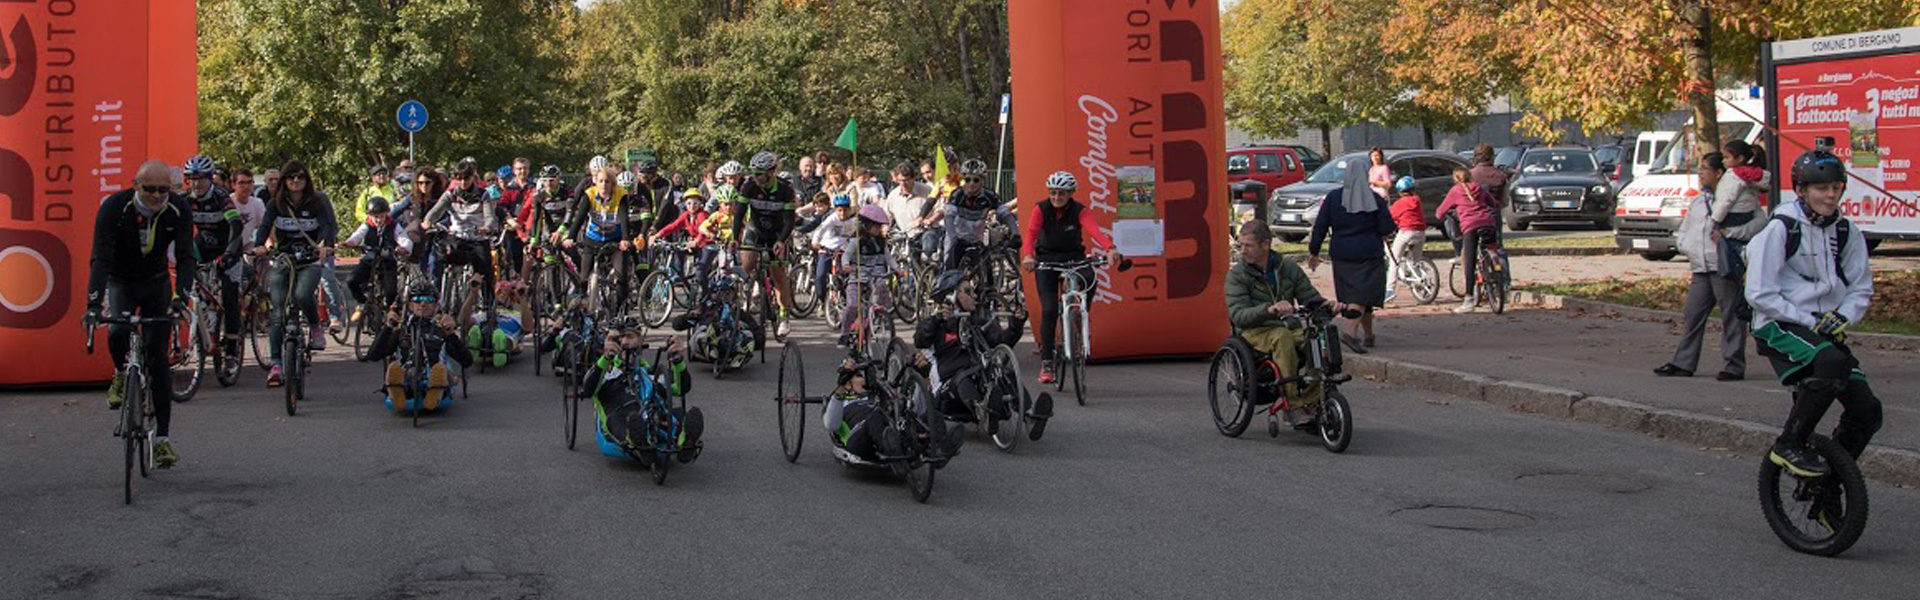 BiciclettHando: passeggiata ciclistica solidale a Bergamo